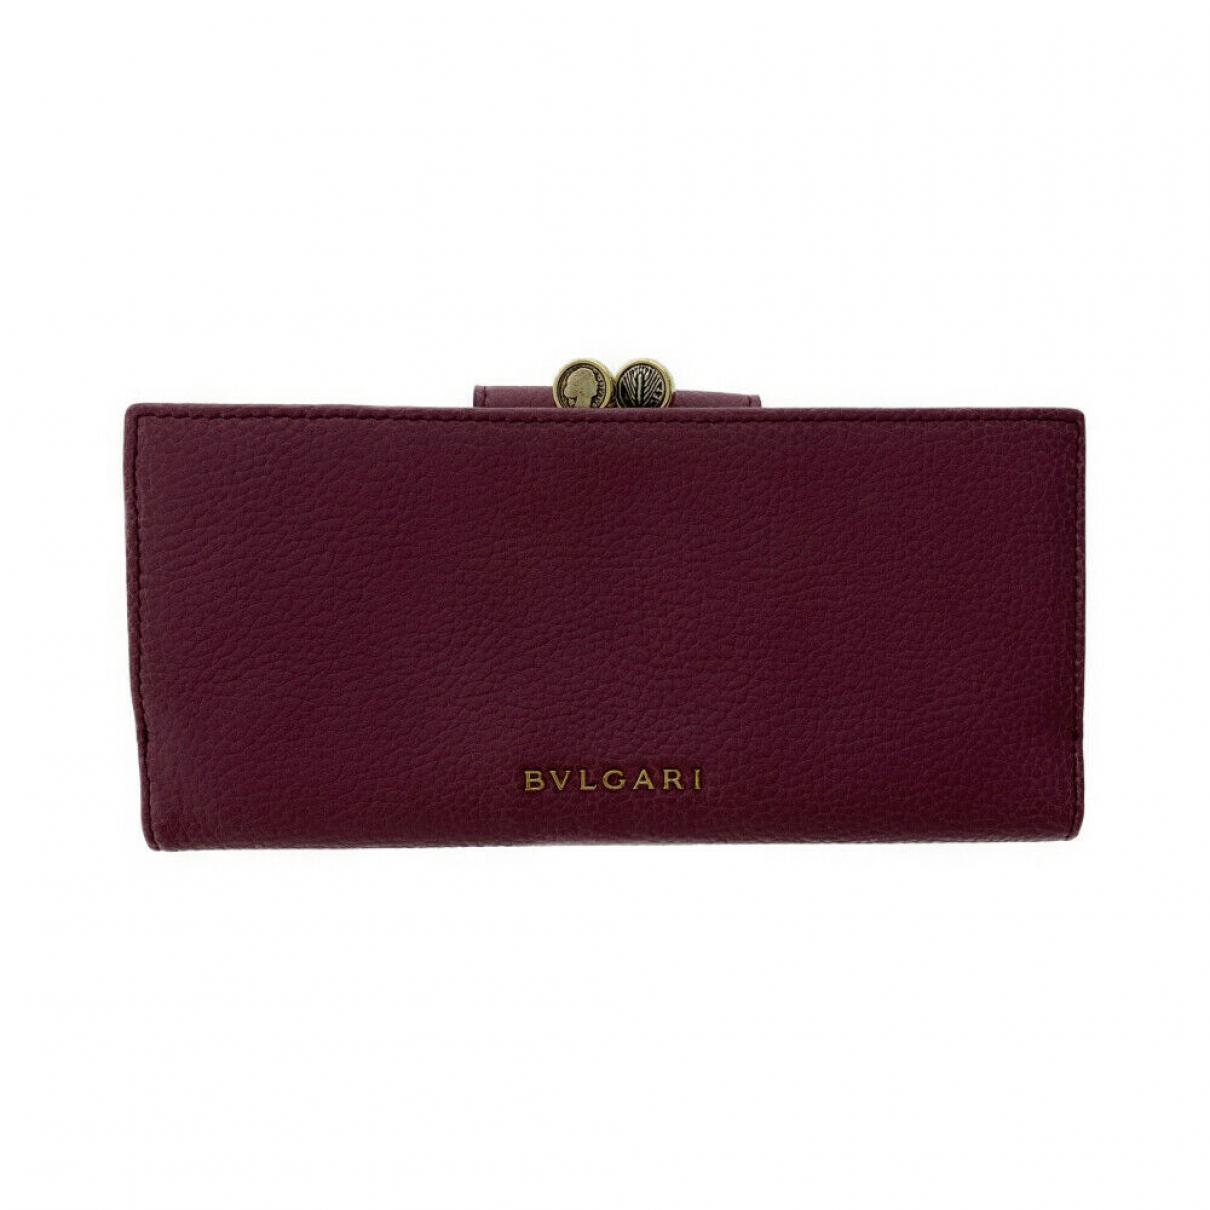 Bvlgari \N Leather wallet for Women \N